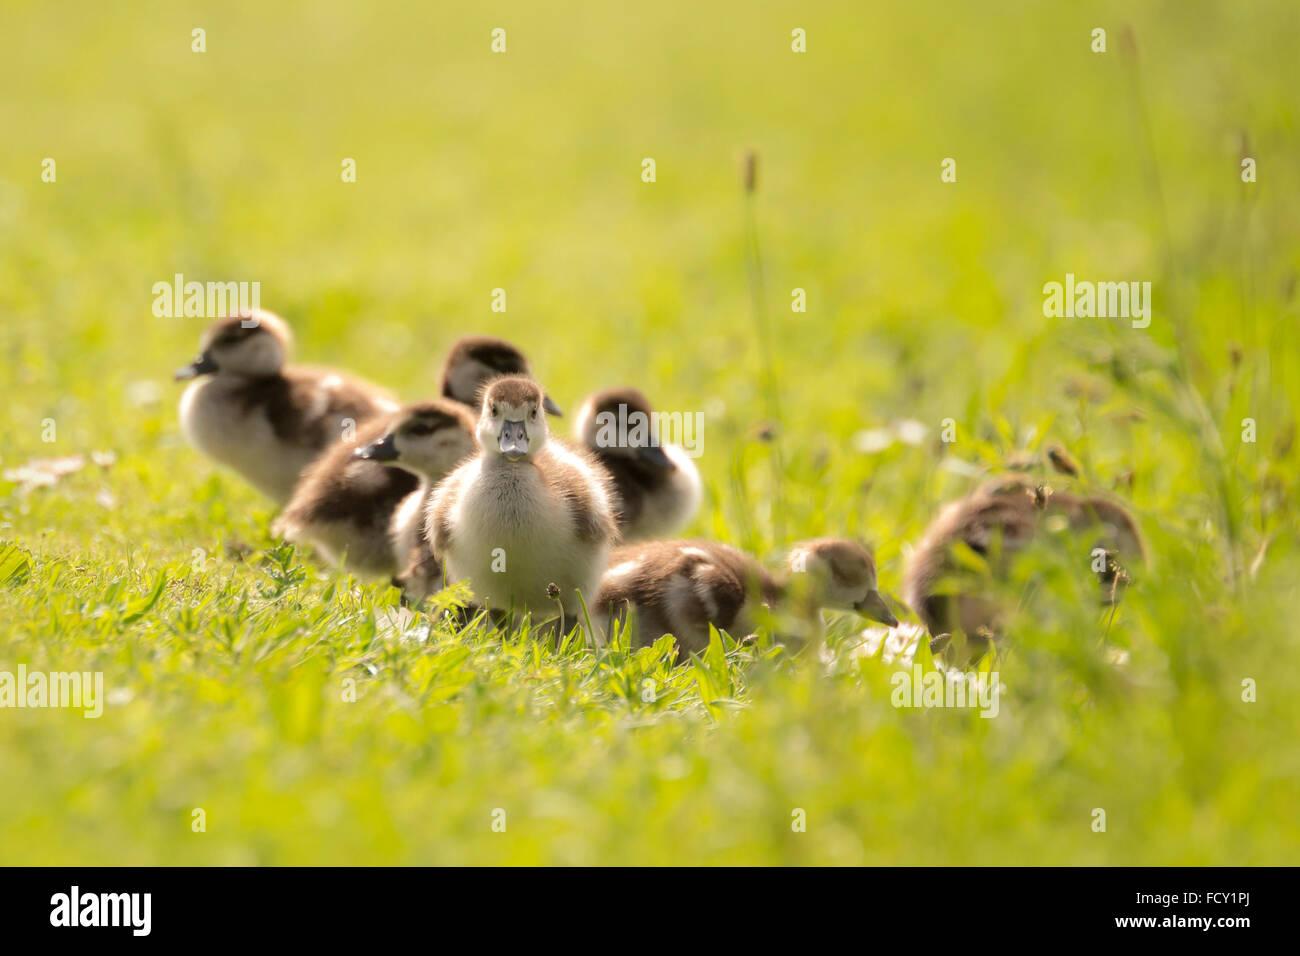 Gruppo di oca egiziana (Alopochen aegyptiacus) pulcini di esplorare il mondo e camminare in un prato con fiori di Immagini Stock